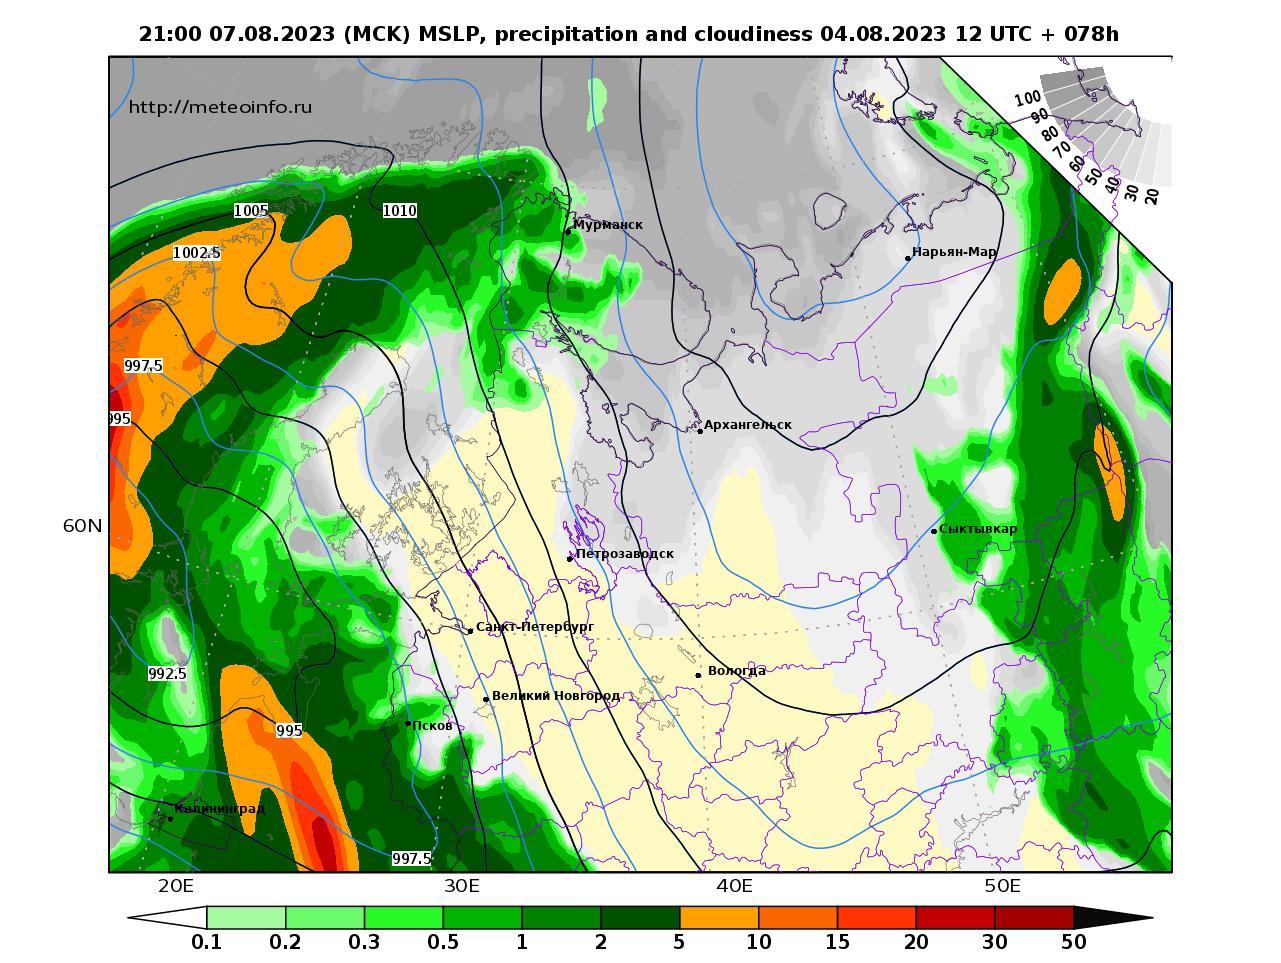 Северо-Западный Федеральный округ, прогностическая карта осадки и давление, заблаговременность прогноза 78 часов